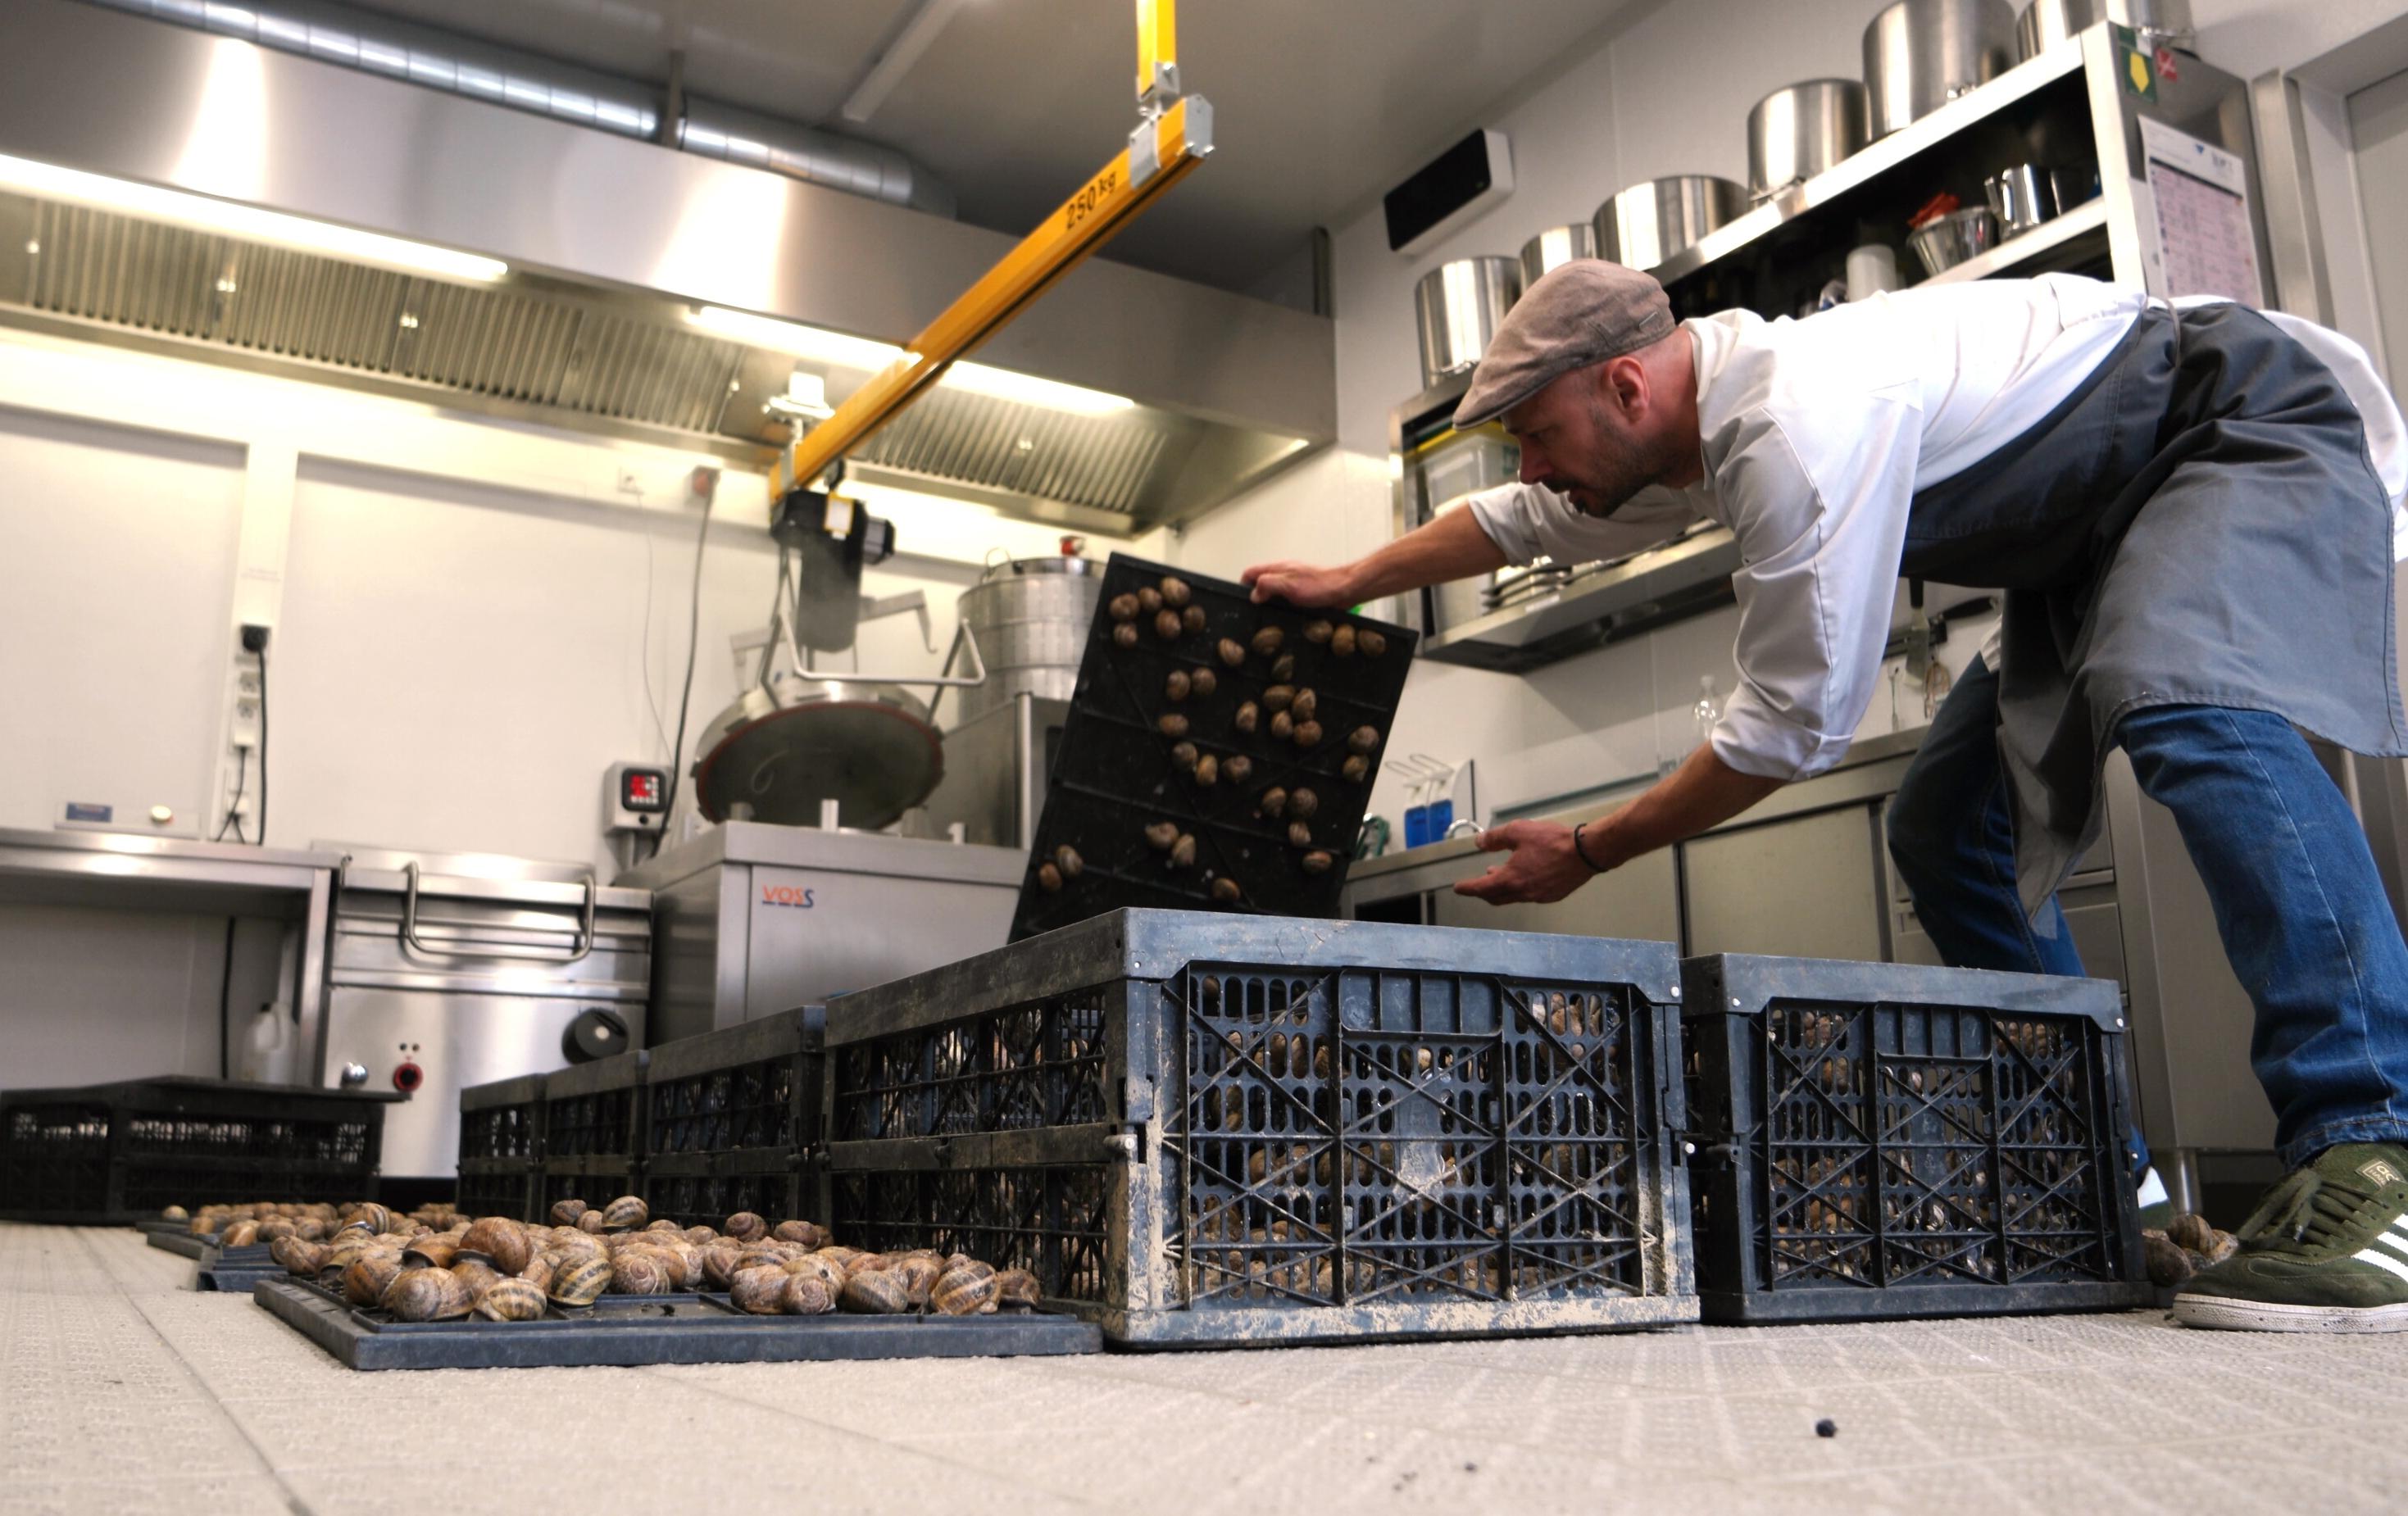 Schnecken in Trockenruhe in der Produktion, Verarbeitung der Escrgots, Farm 2 Table